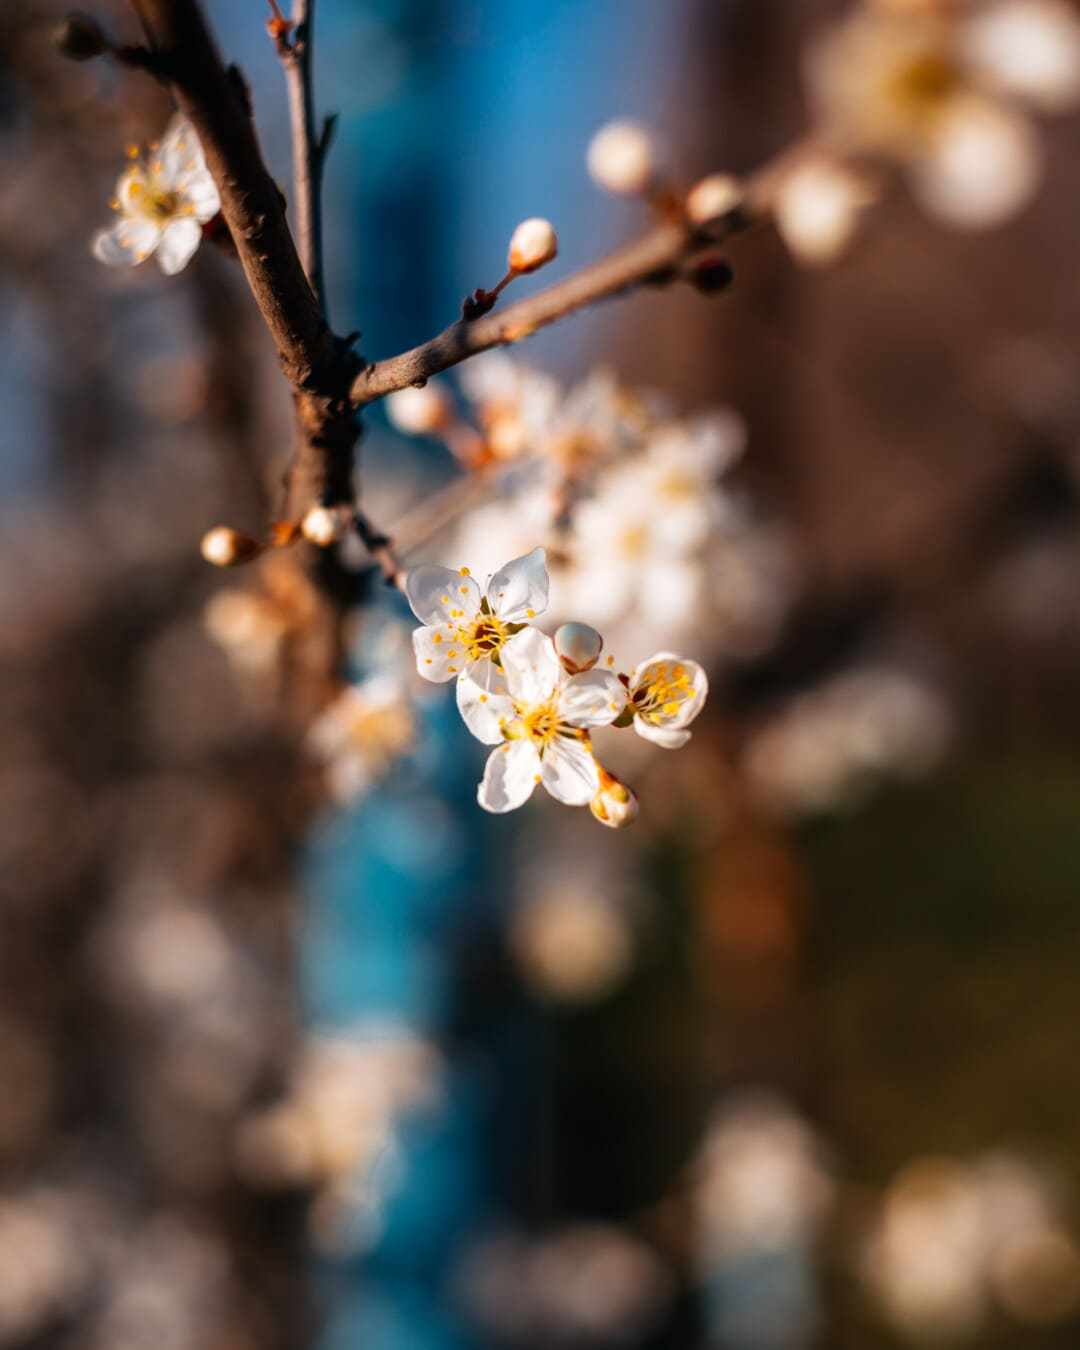 proljetno vrijeme, grane, fokus, cvjetni pupoljak, cvijet, biljka, cvijet, biljka, drvo, grana